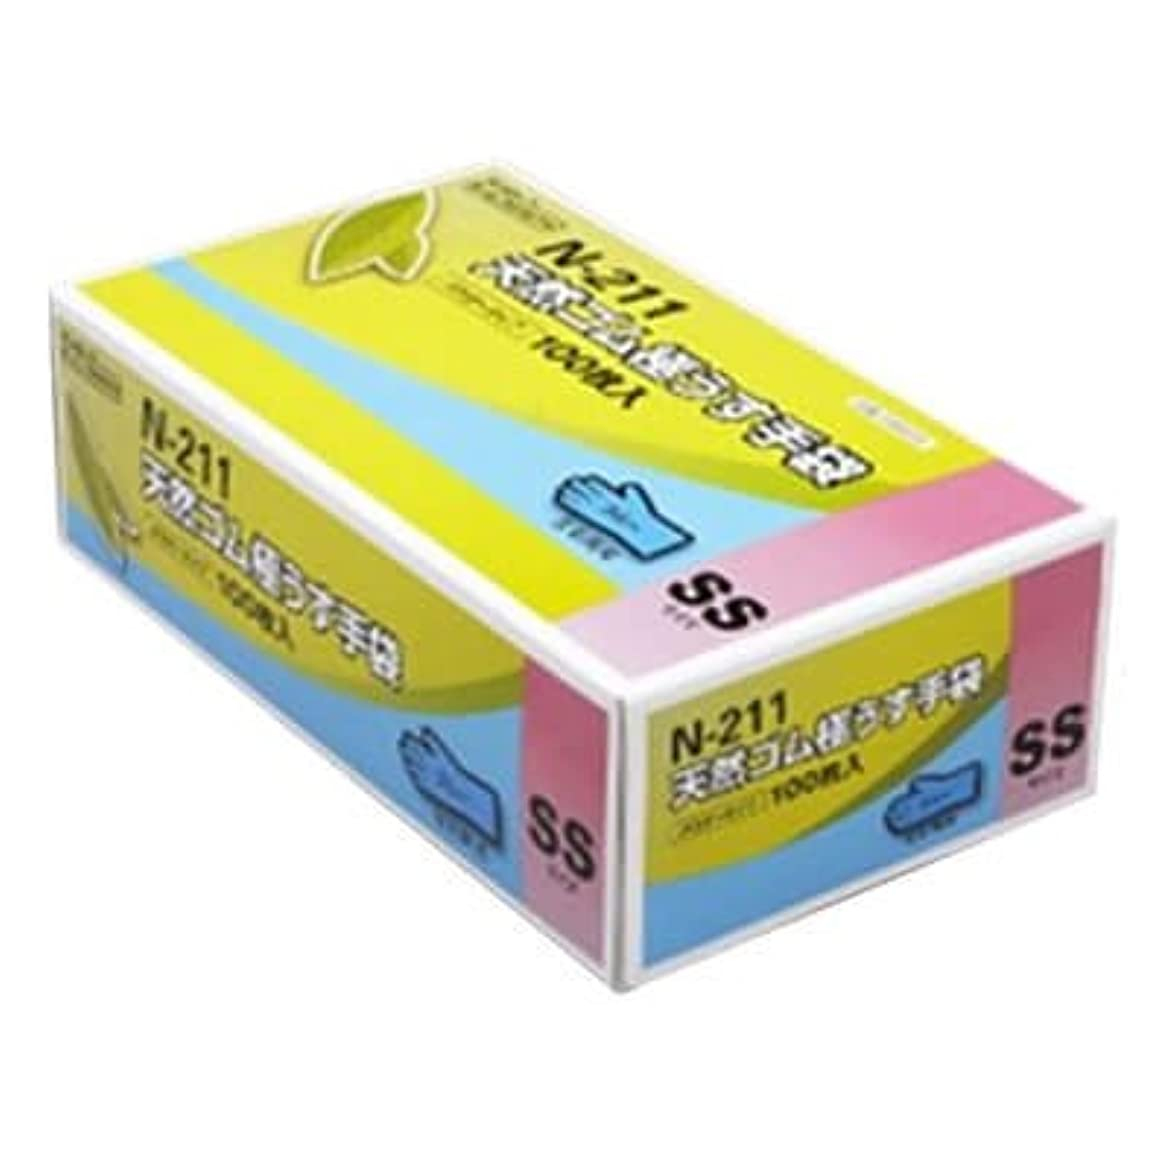 羊の認可最大の【ケース販売】 ダンロップ 天然ゴム極うす手袋 N-211 SS ブルー (100枚入×20箱)